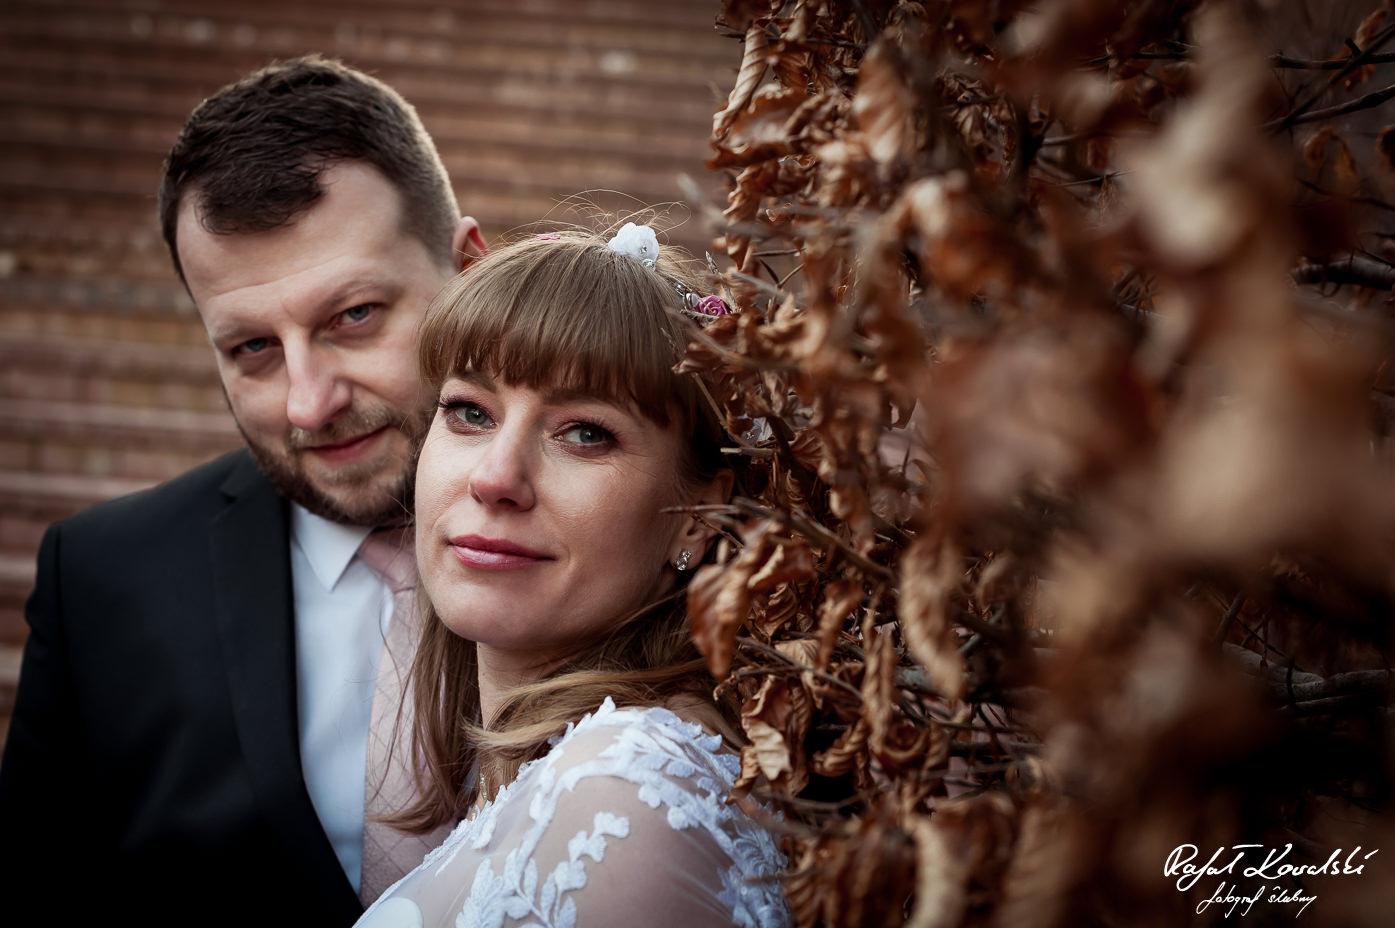 Zdjęcia Ślubne Gdynia - portret ślubny pary młodej w ciepłej brązowej tonacji